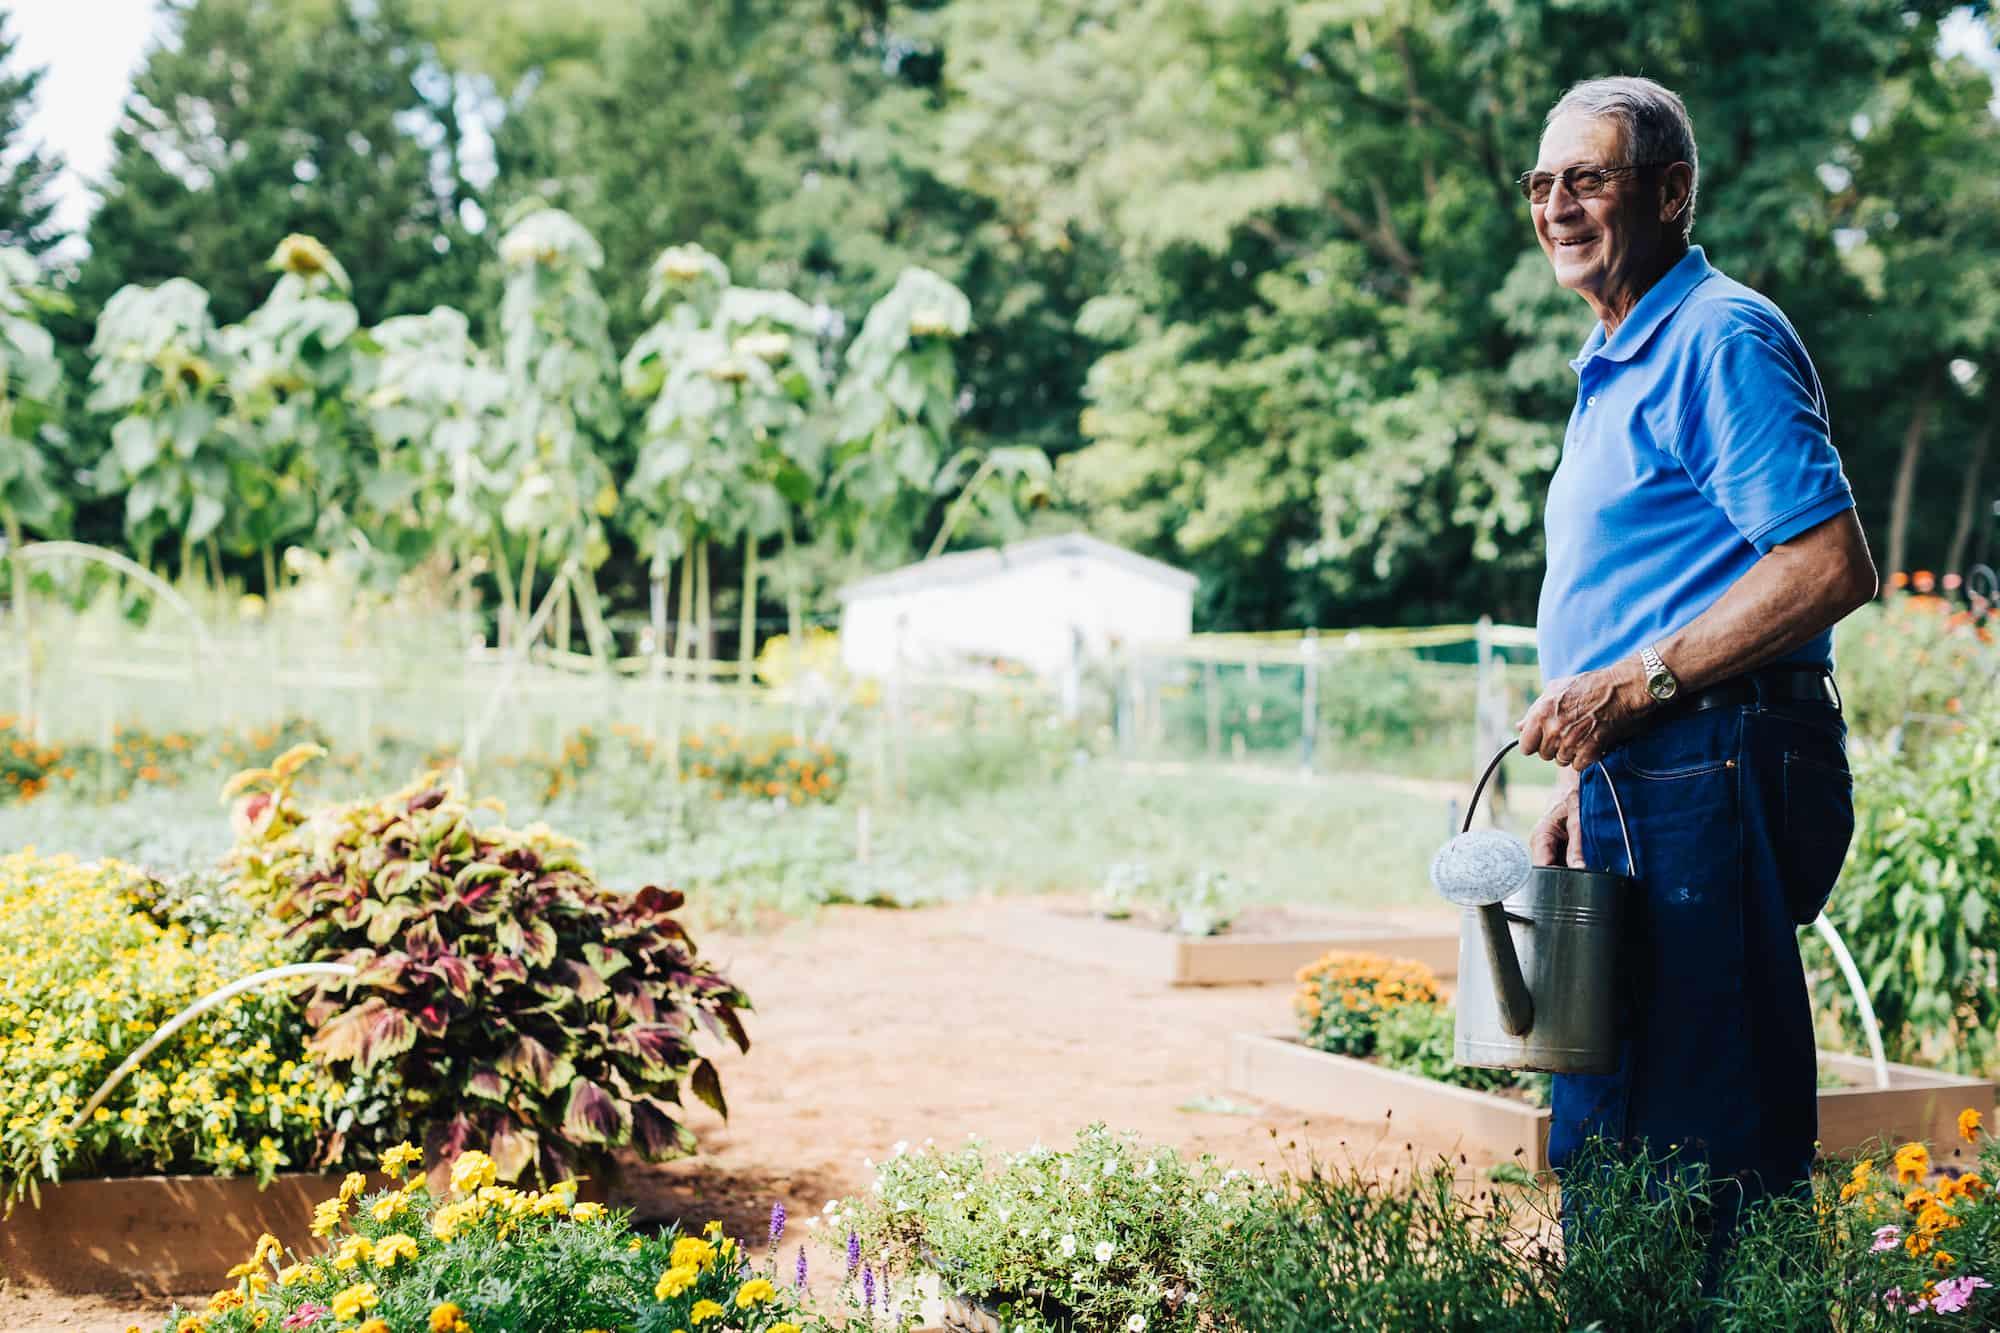 Friendship resident Phil Dean, senior in garden, man watering flowers